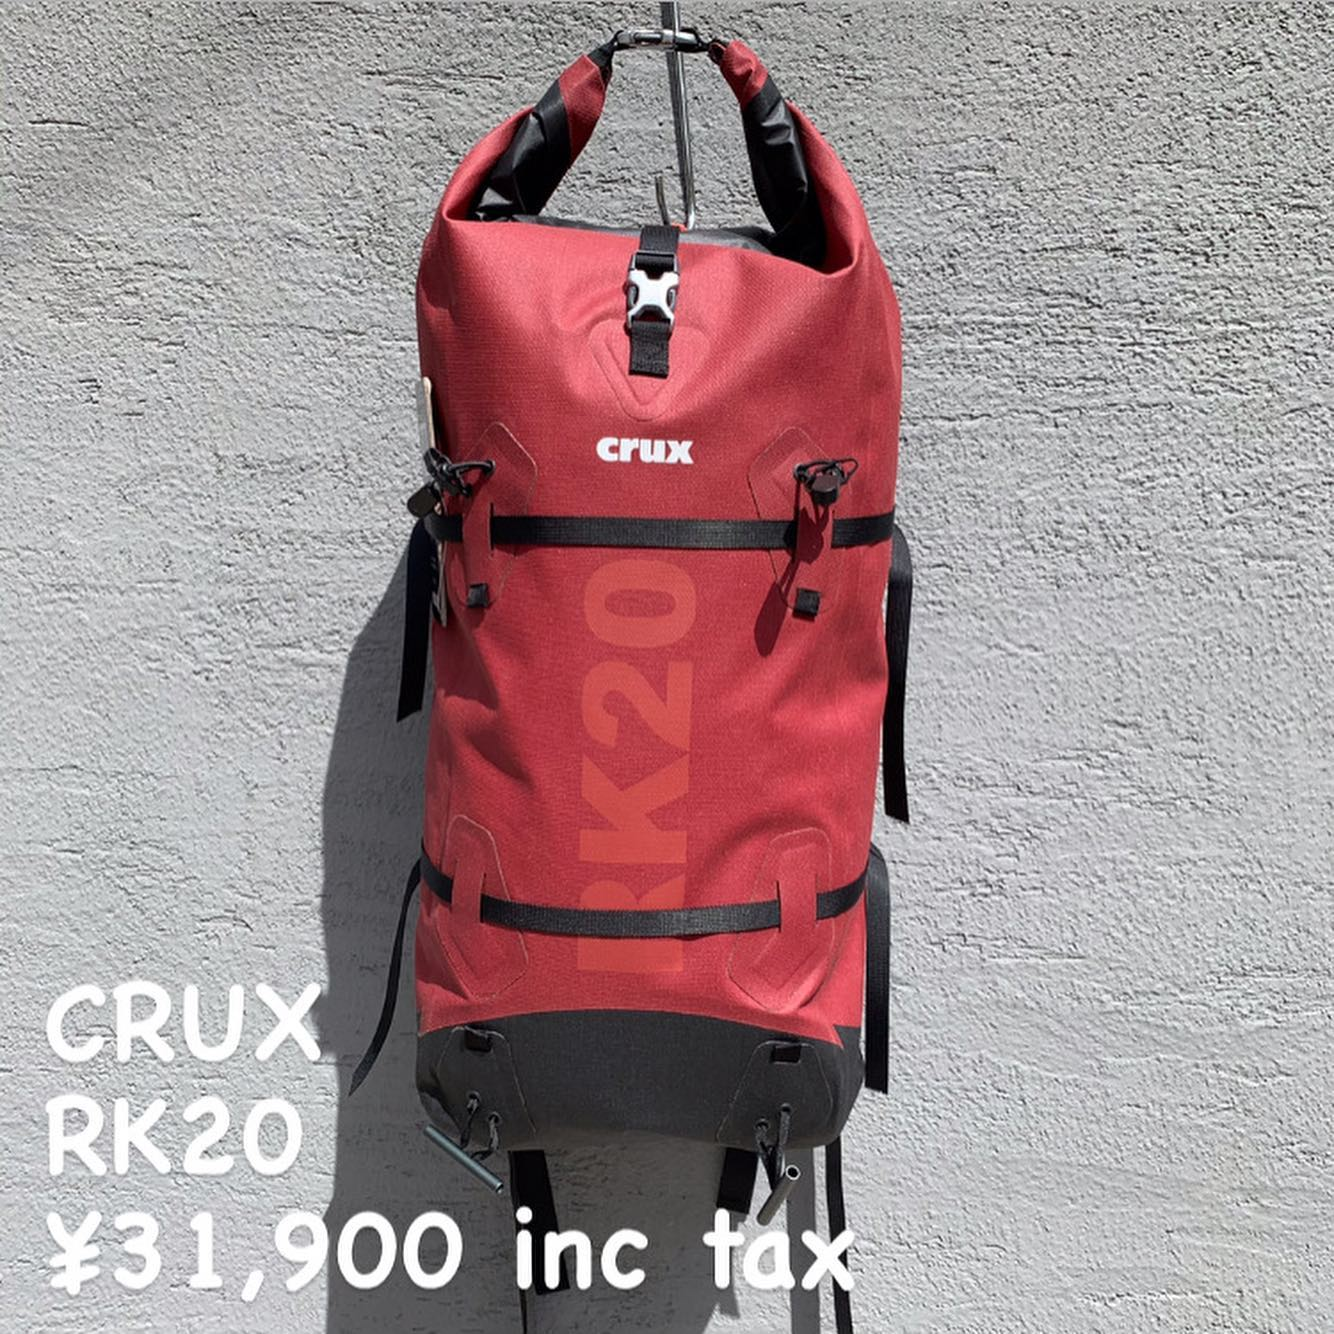 軽量・完全防水アルパインバックパック『CRUX RK20』のご紹介